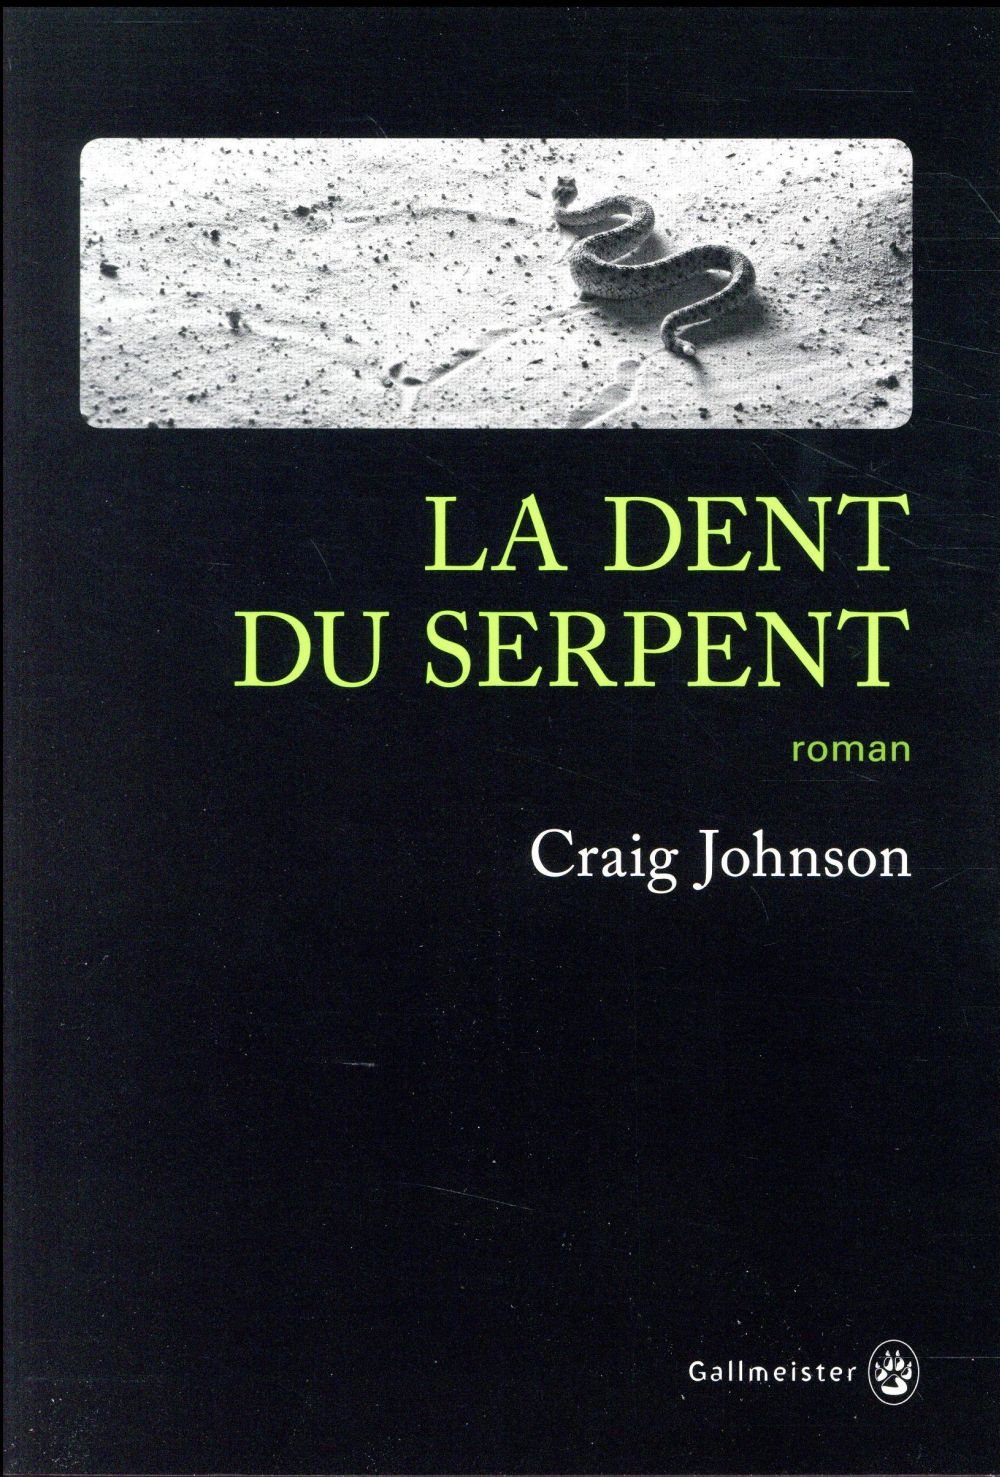 LA DENT DU SERPENT